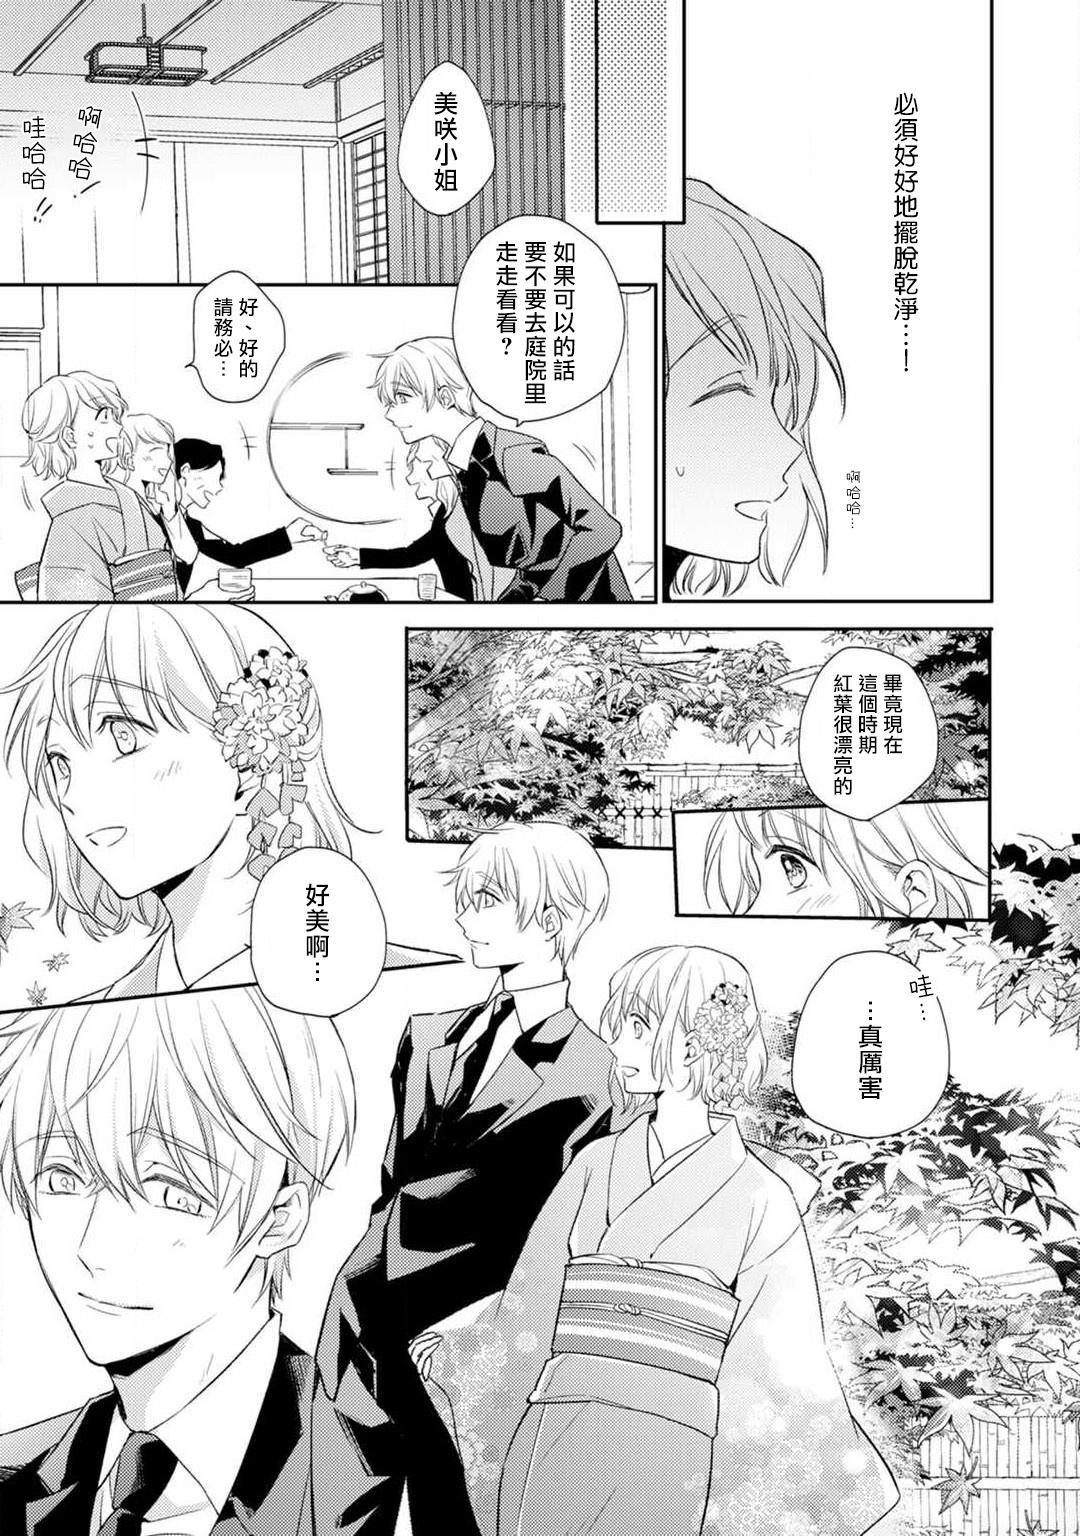 [Shichigatsu Motomi]  Sonna Kao shite, Sasotteru? ~Dekiai Shachou to Migawari Omiaikekkon!?~ 1-7 | 這種表情,在誘惑我嗎?~溺愛社長和替身相親結婚!? act.1 [Chinese] [拾荒者汉化组] 11